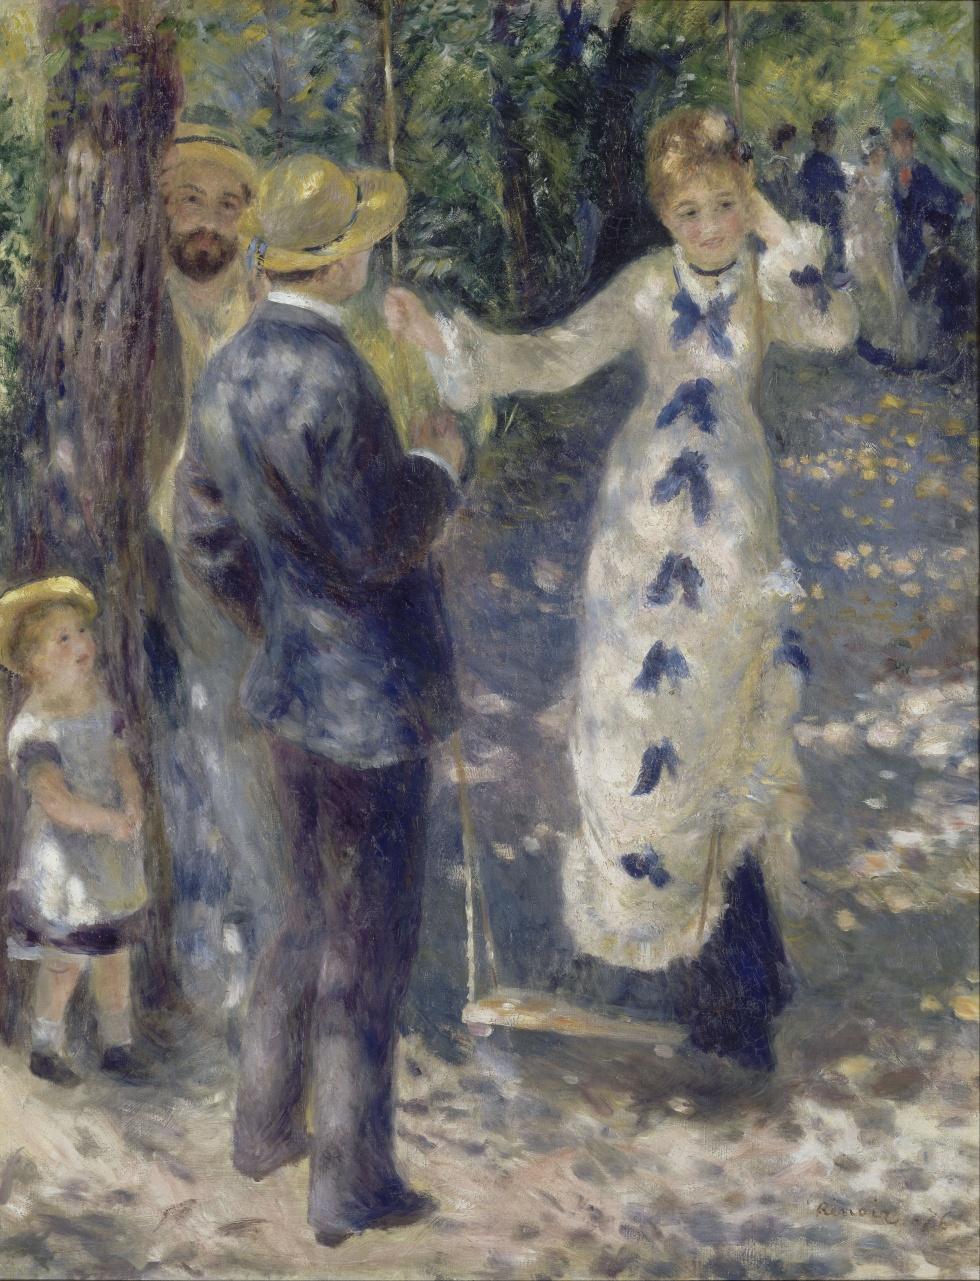 The Swing Pierre-Auguste Renoir [Public domain], via Wikimedia Commons